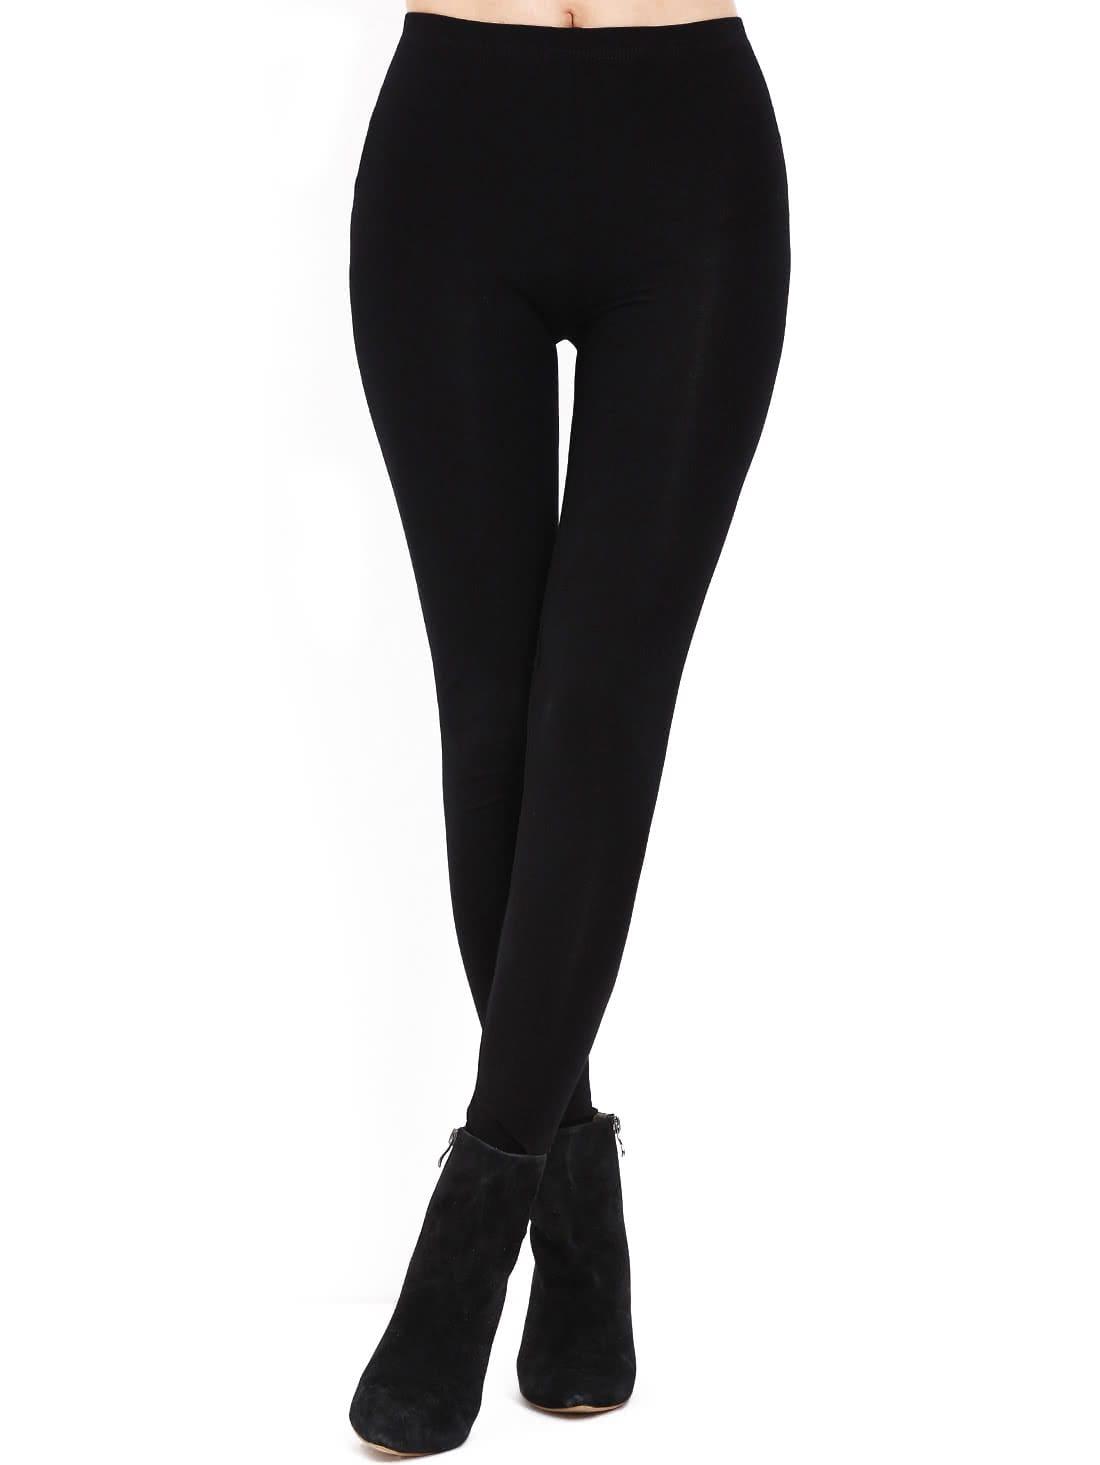 Black Slim Elastic Leggings